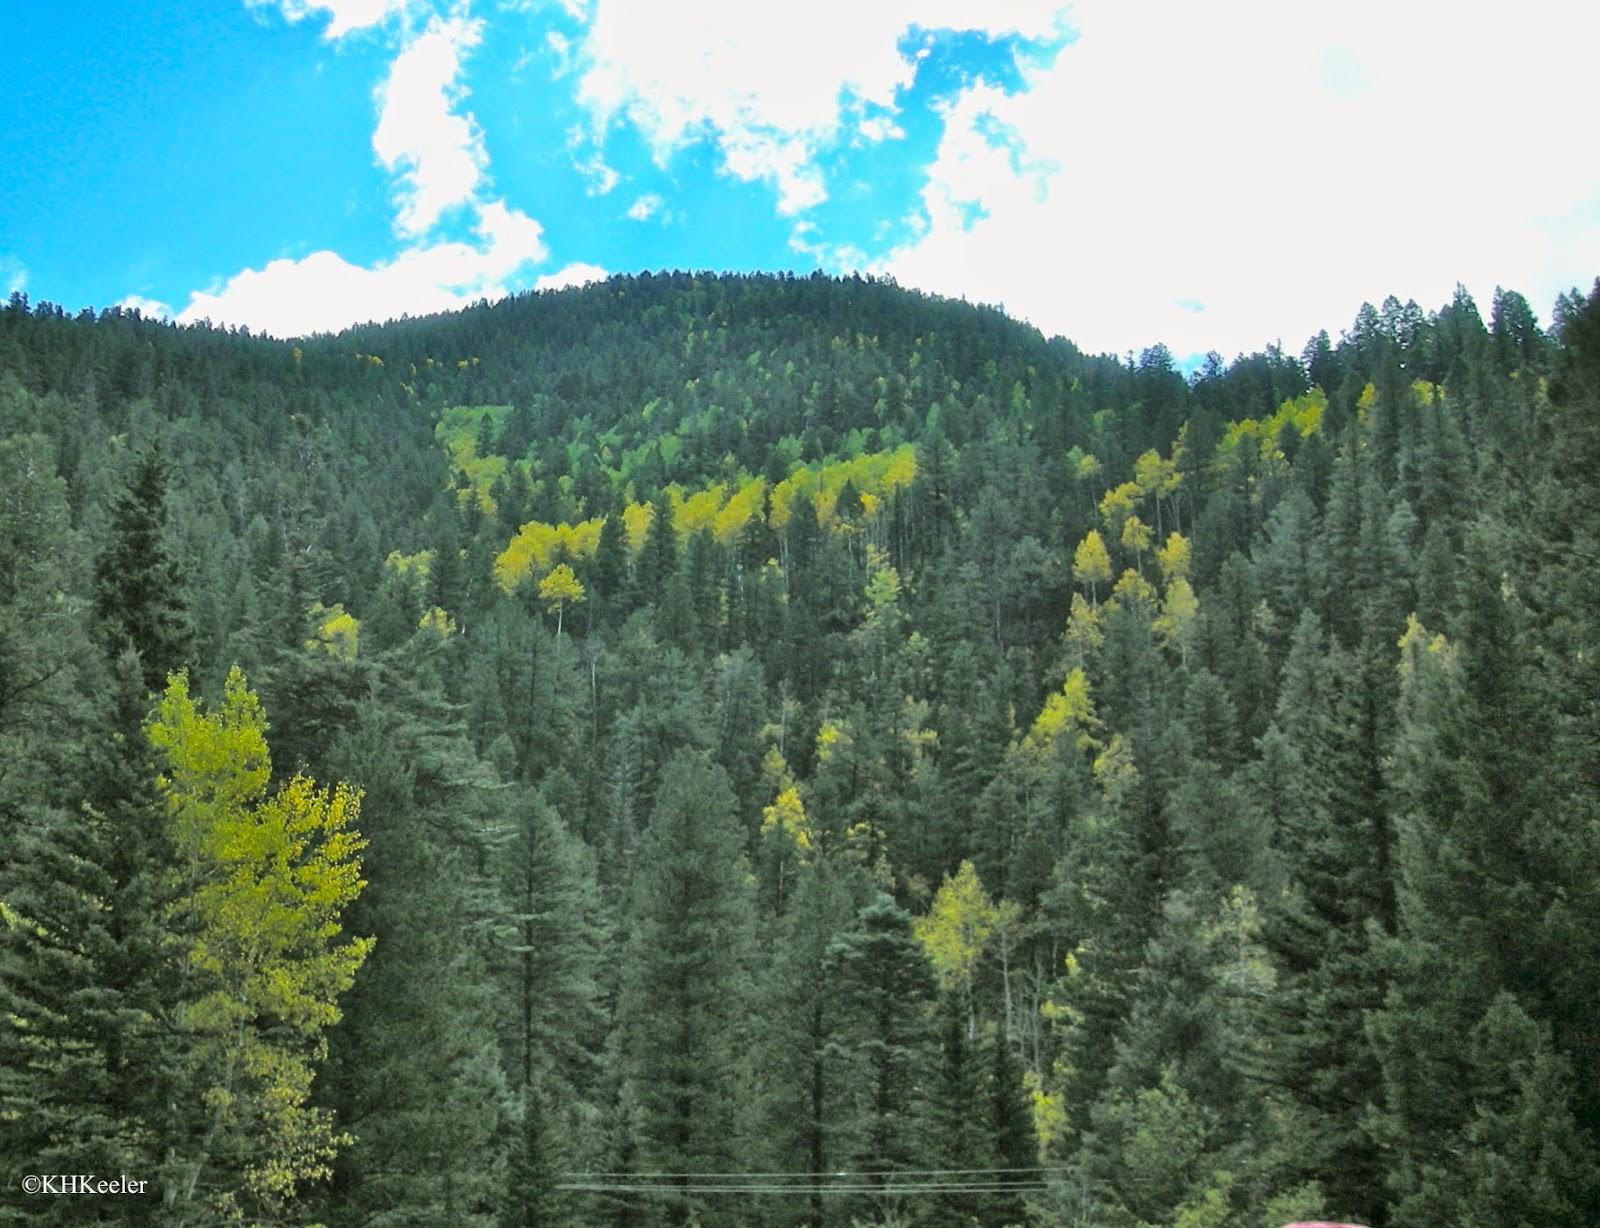 aspen in fall in the Rockies